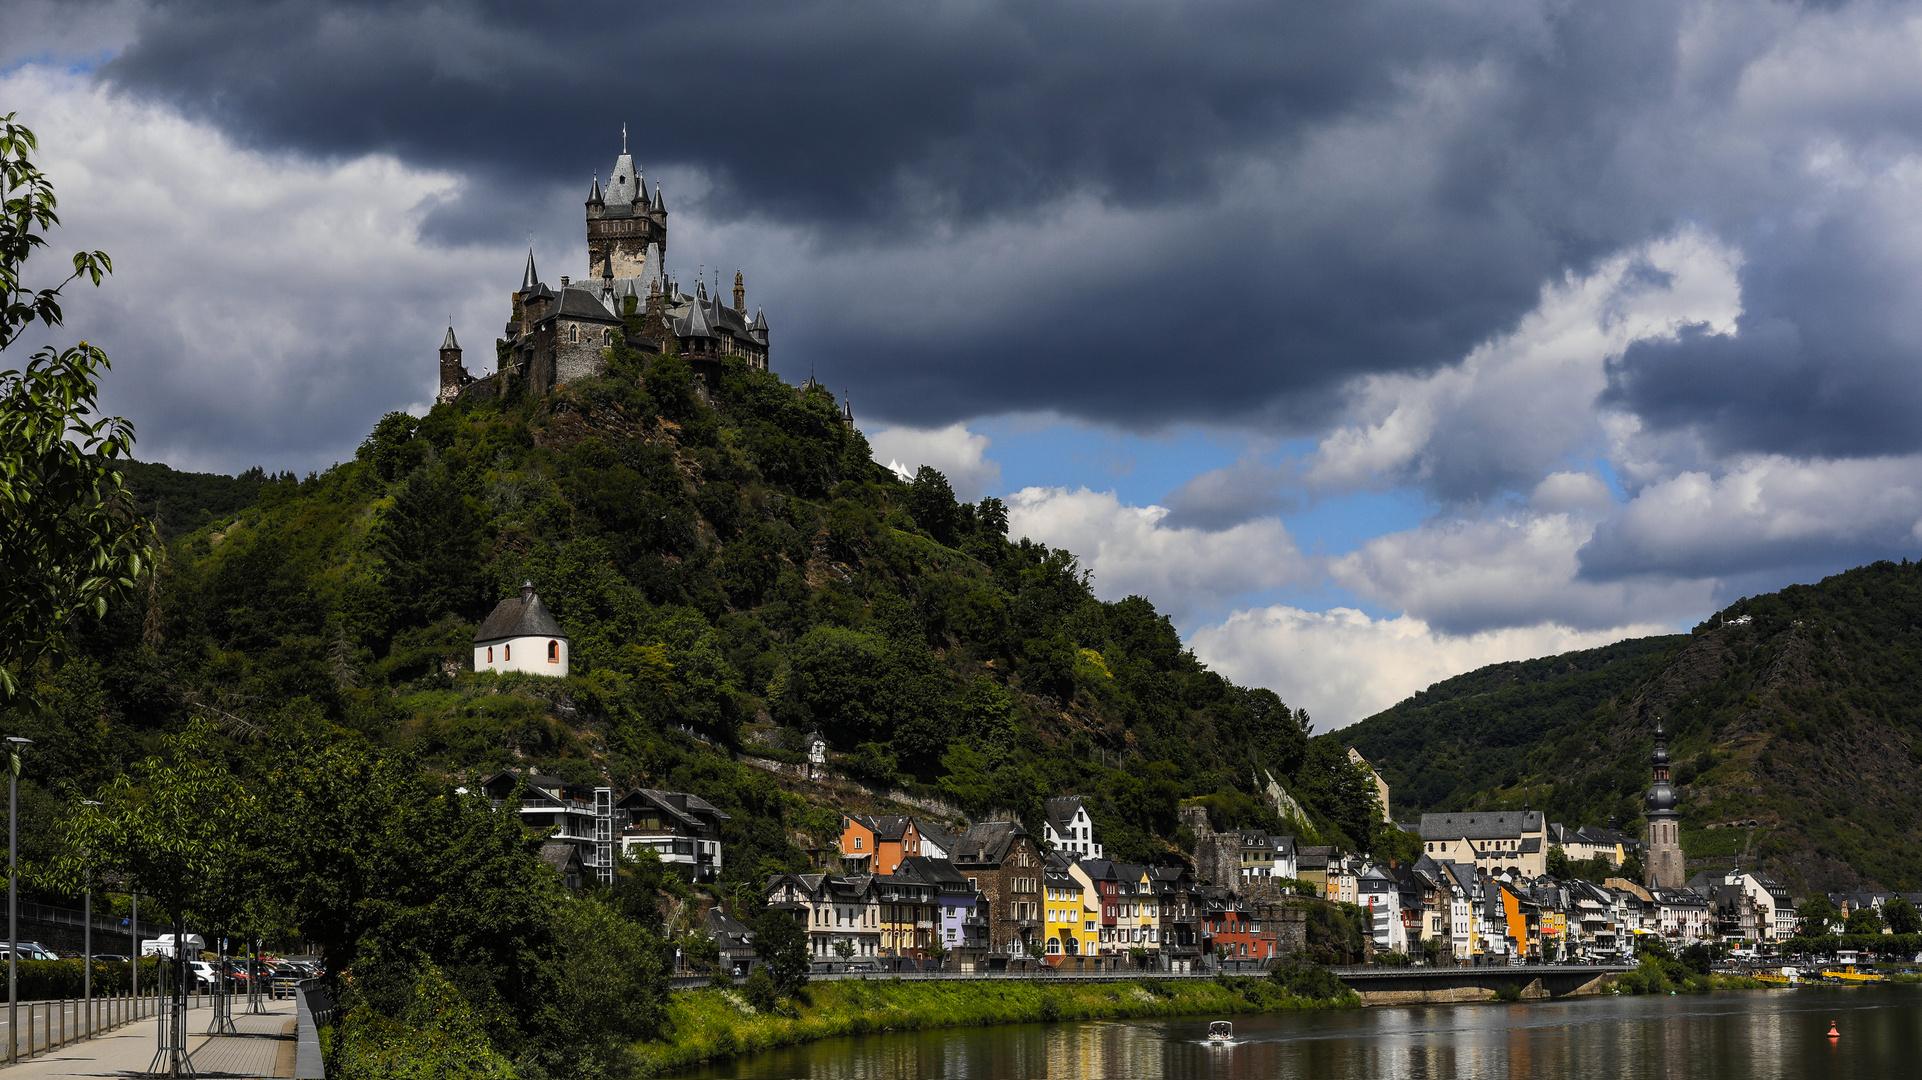 Burg an der Mosel